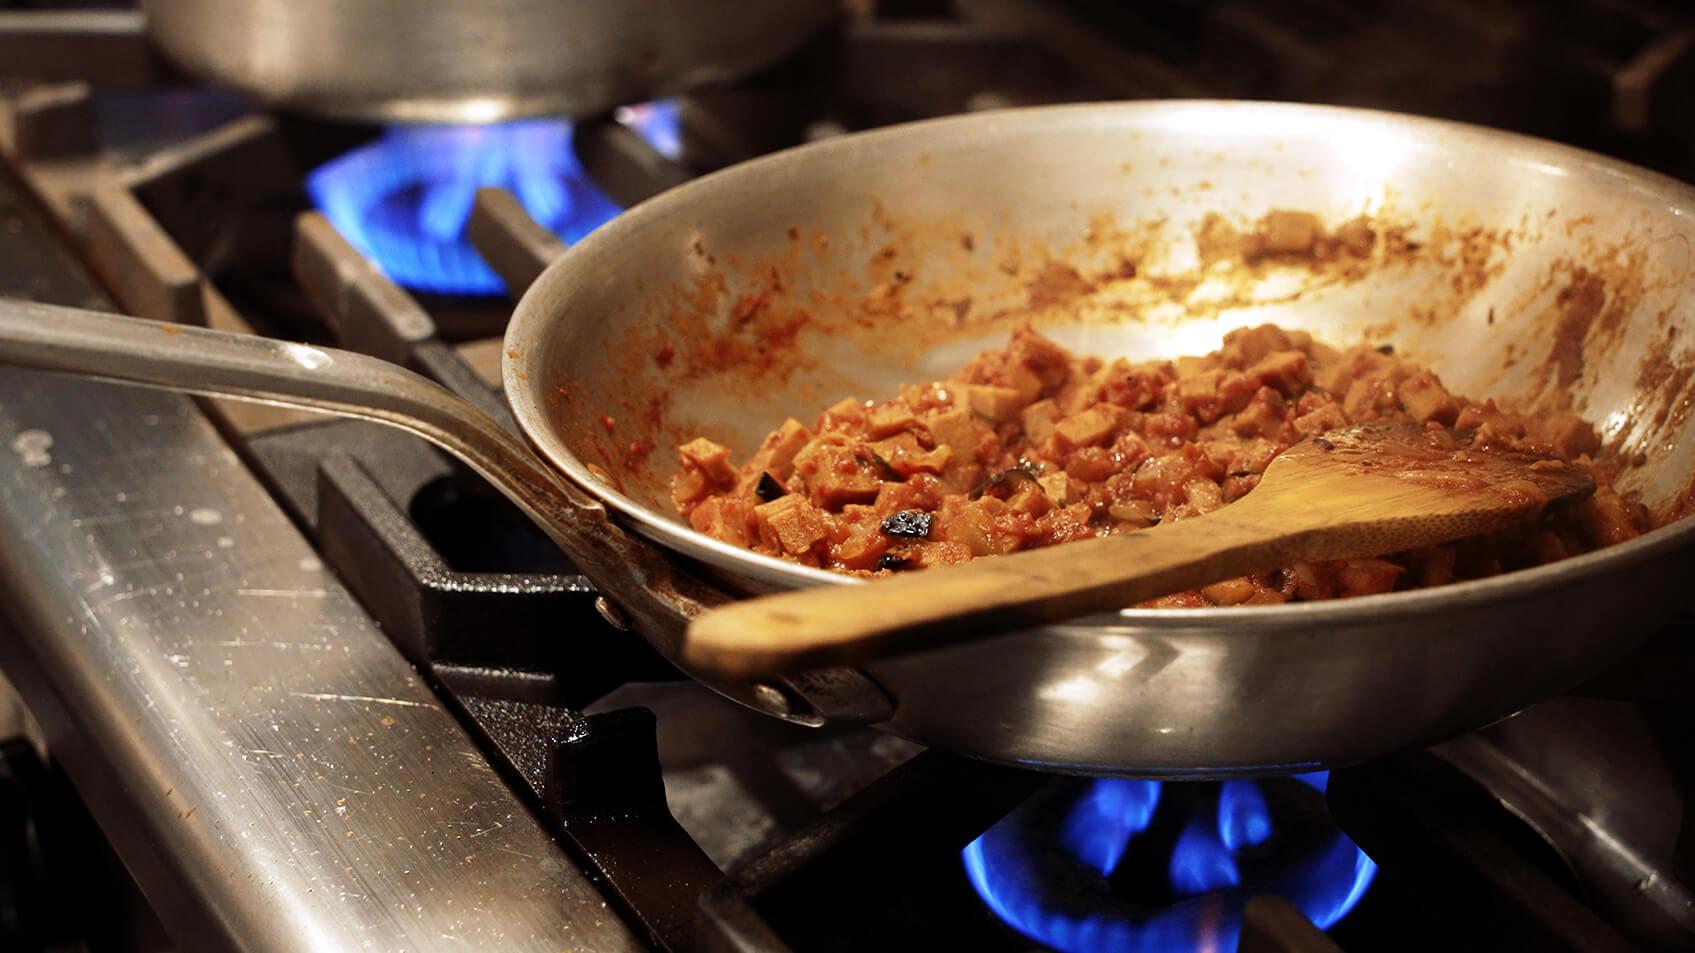 水分を飛ばして、具材に味が染み込むまで炒める